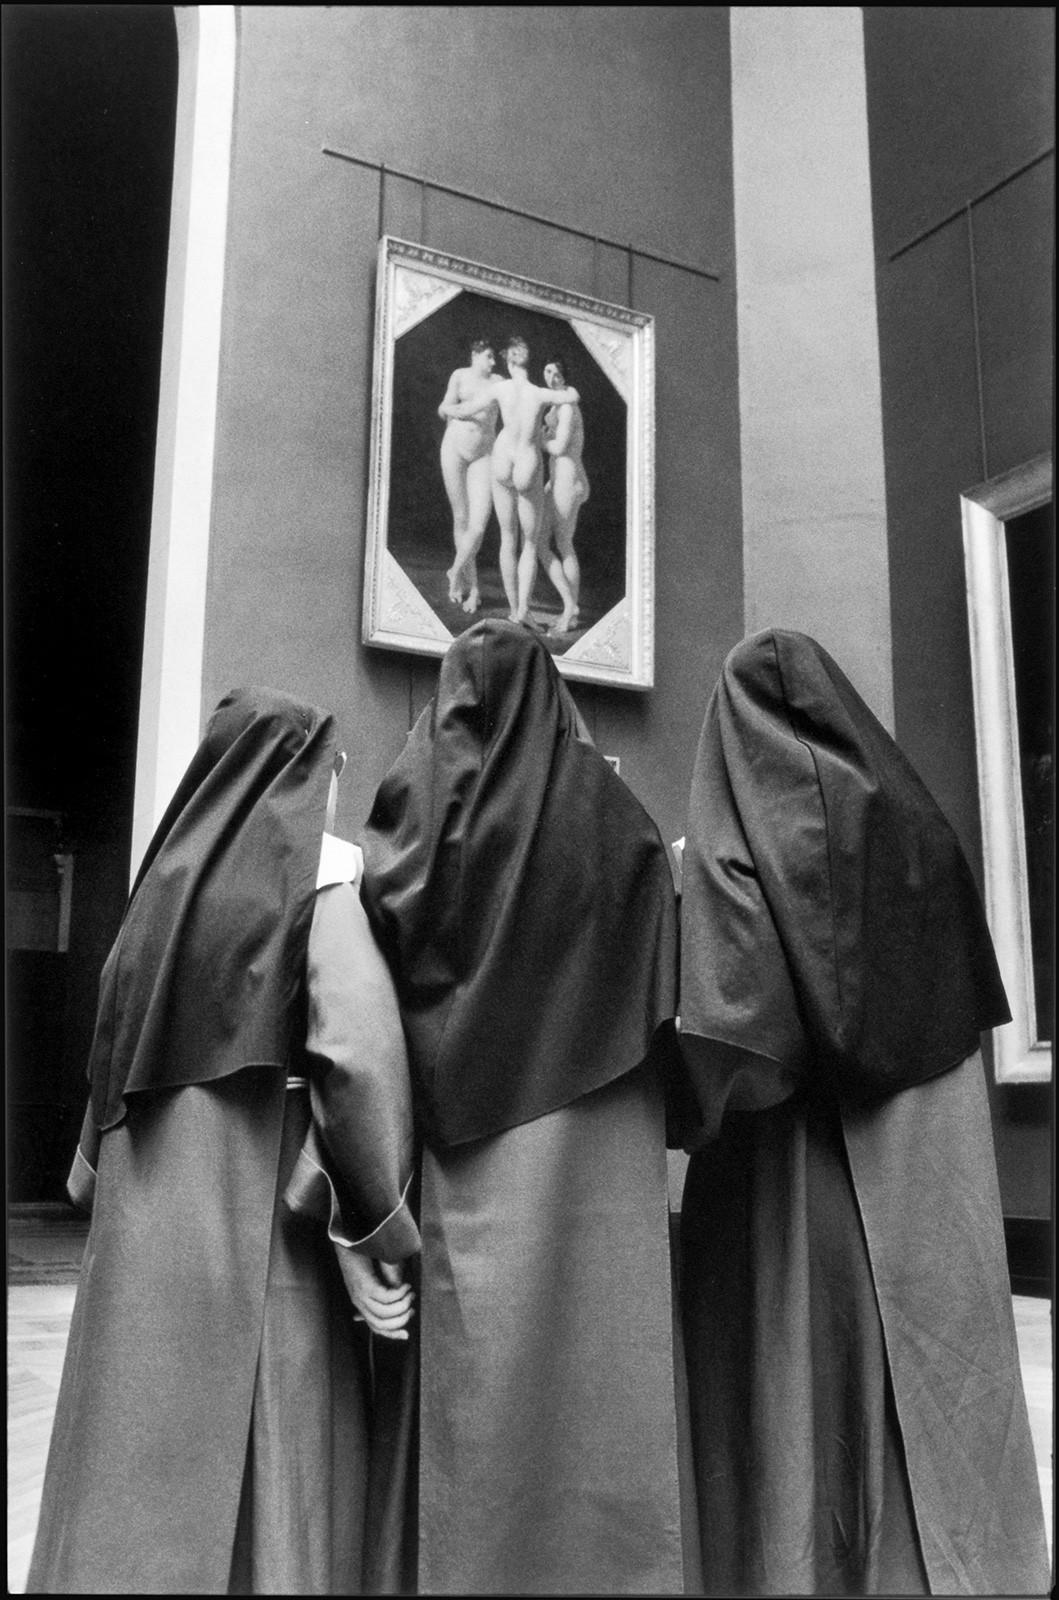 Лувр, Париж, 1970. Фотограф Алесио де Андраде